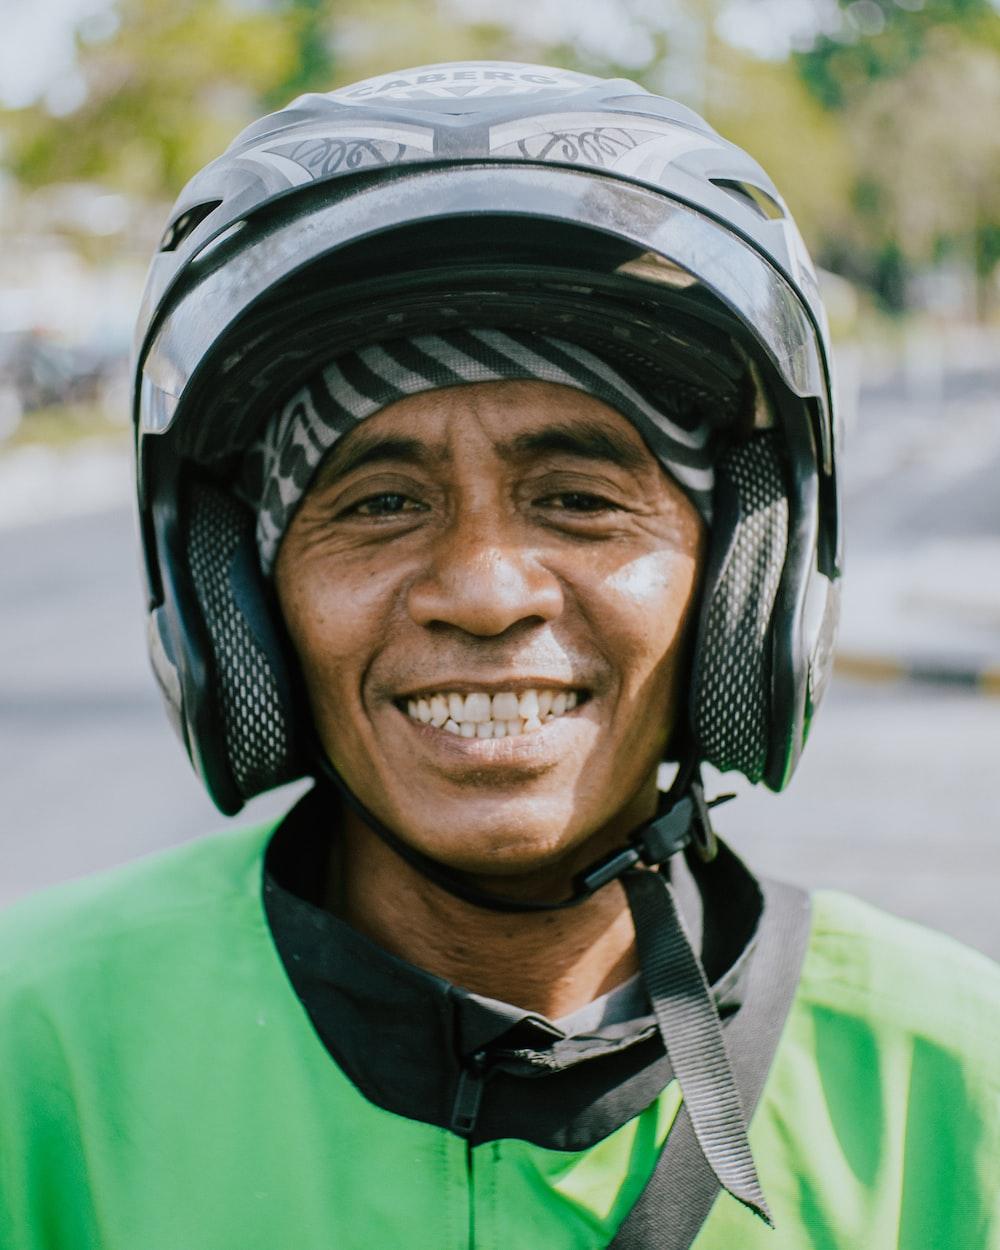 man wearing helmet